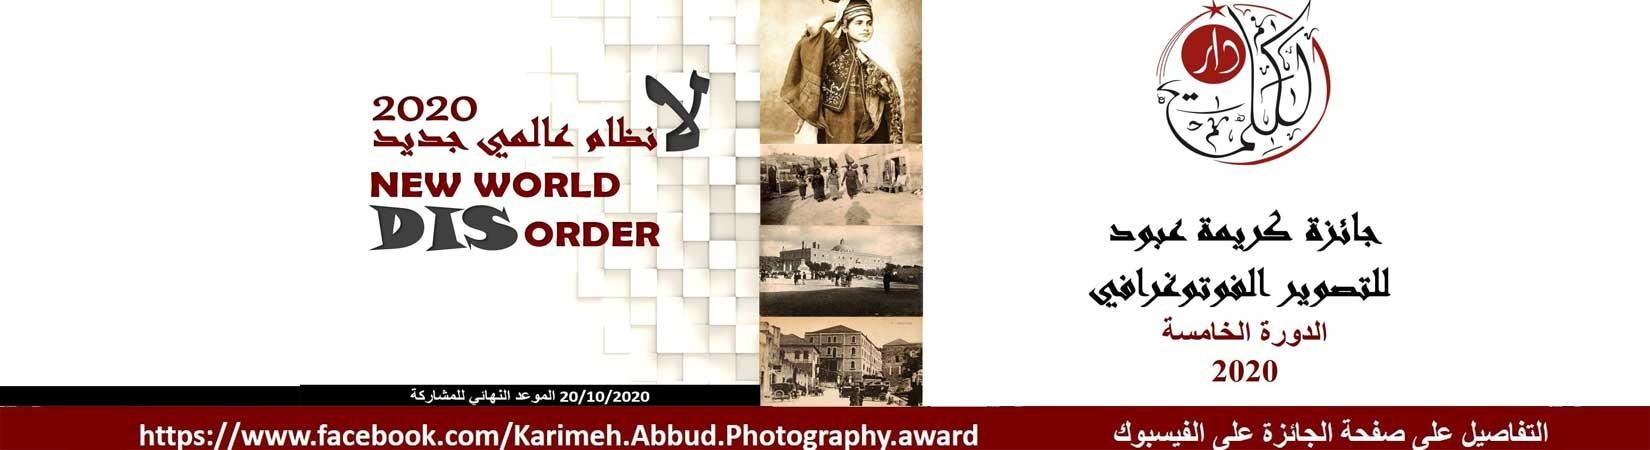 جائزة المصورة كريمة عبود للتصوير الفوتوغرافي لعام 2020